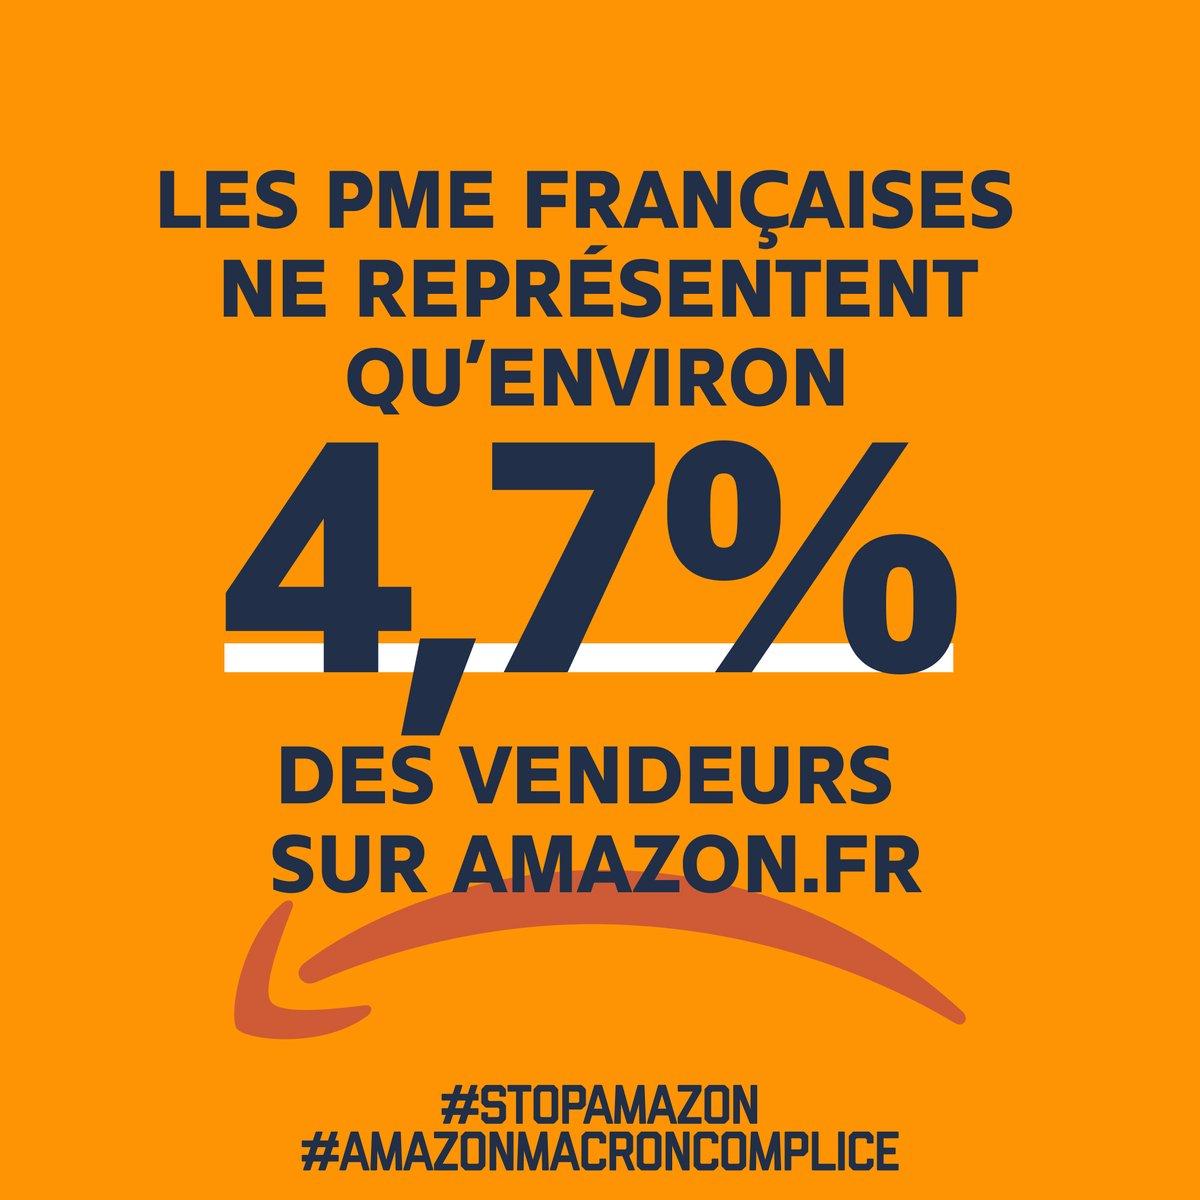 🤓Petit point chiffres !   Député·es @LaREM_AN, peut-être vous demandez-vous pourquoi vous devriez exiger un moratoire sur les entrepôts de e-commerce !   Réponse ⏬  #AmazonMacronComplice #StopAmazon https://t.co/5a018dWCXG